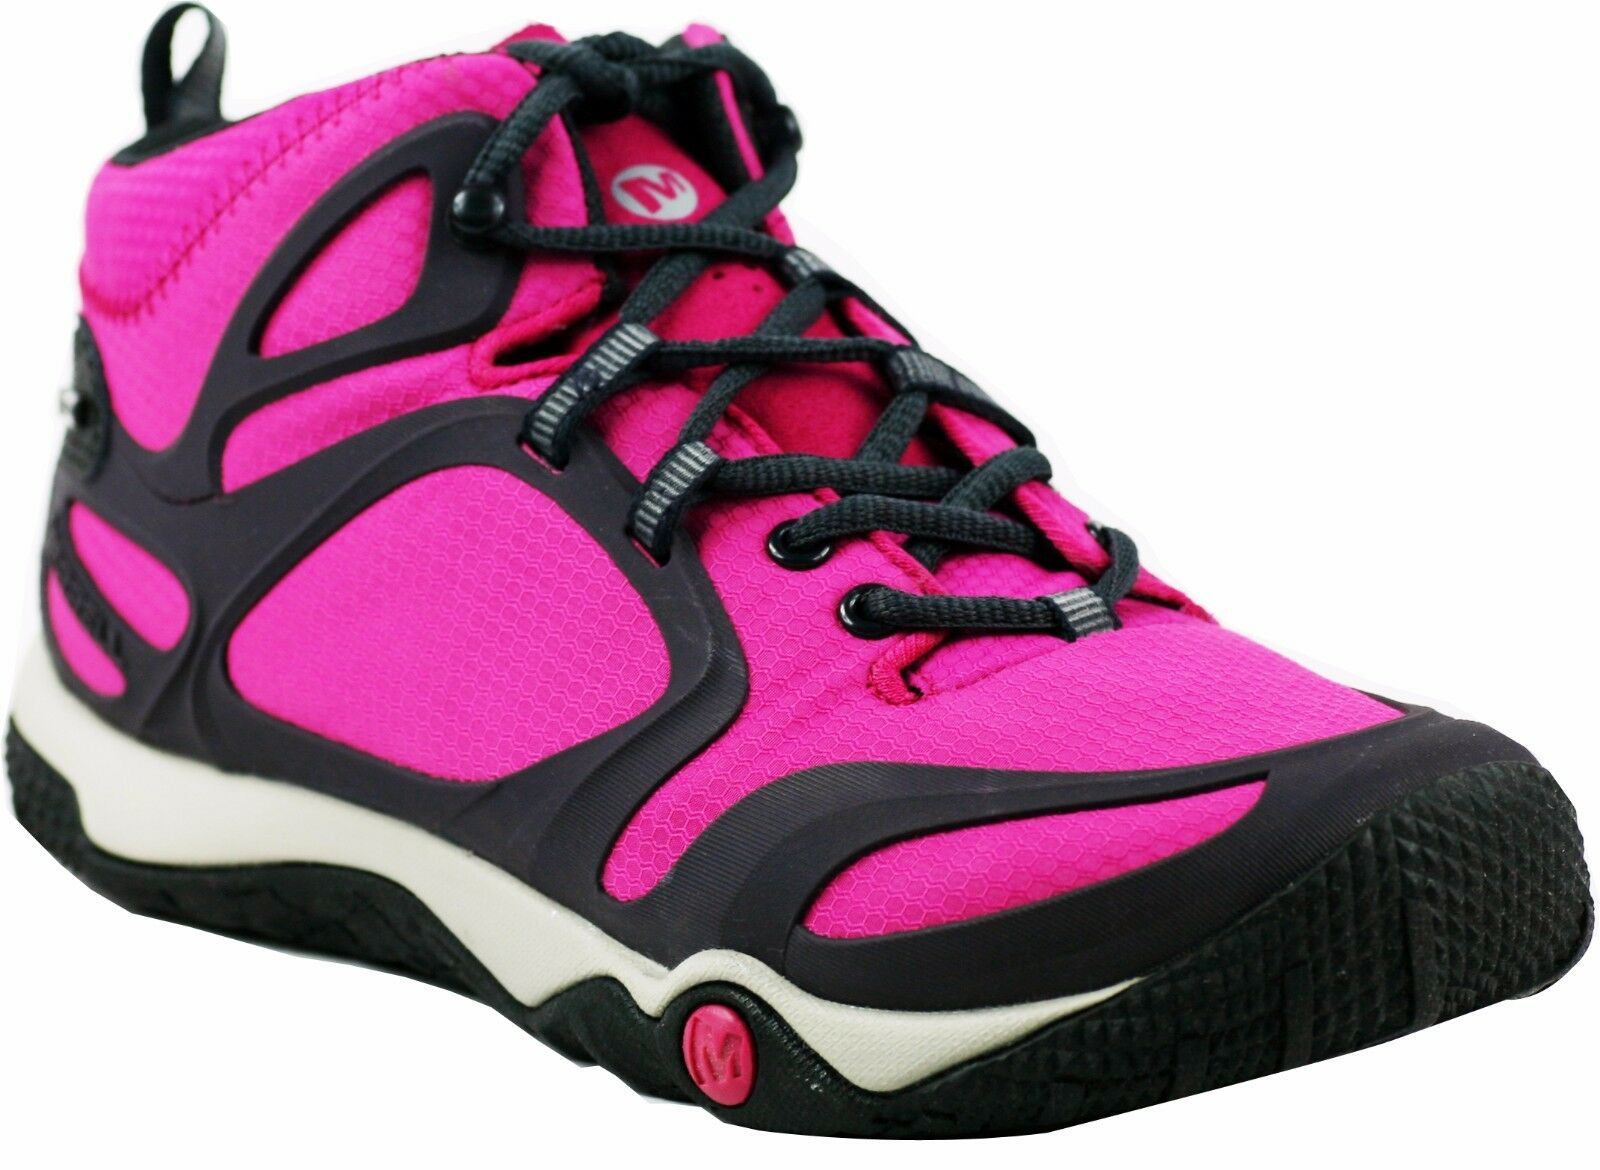 Merrell mujer Projoerra Projoerra Projoerra Mid Gore-Tex botas Para Excursionismo Trekking entrenador de Deportes rosado  a precios asequibles